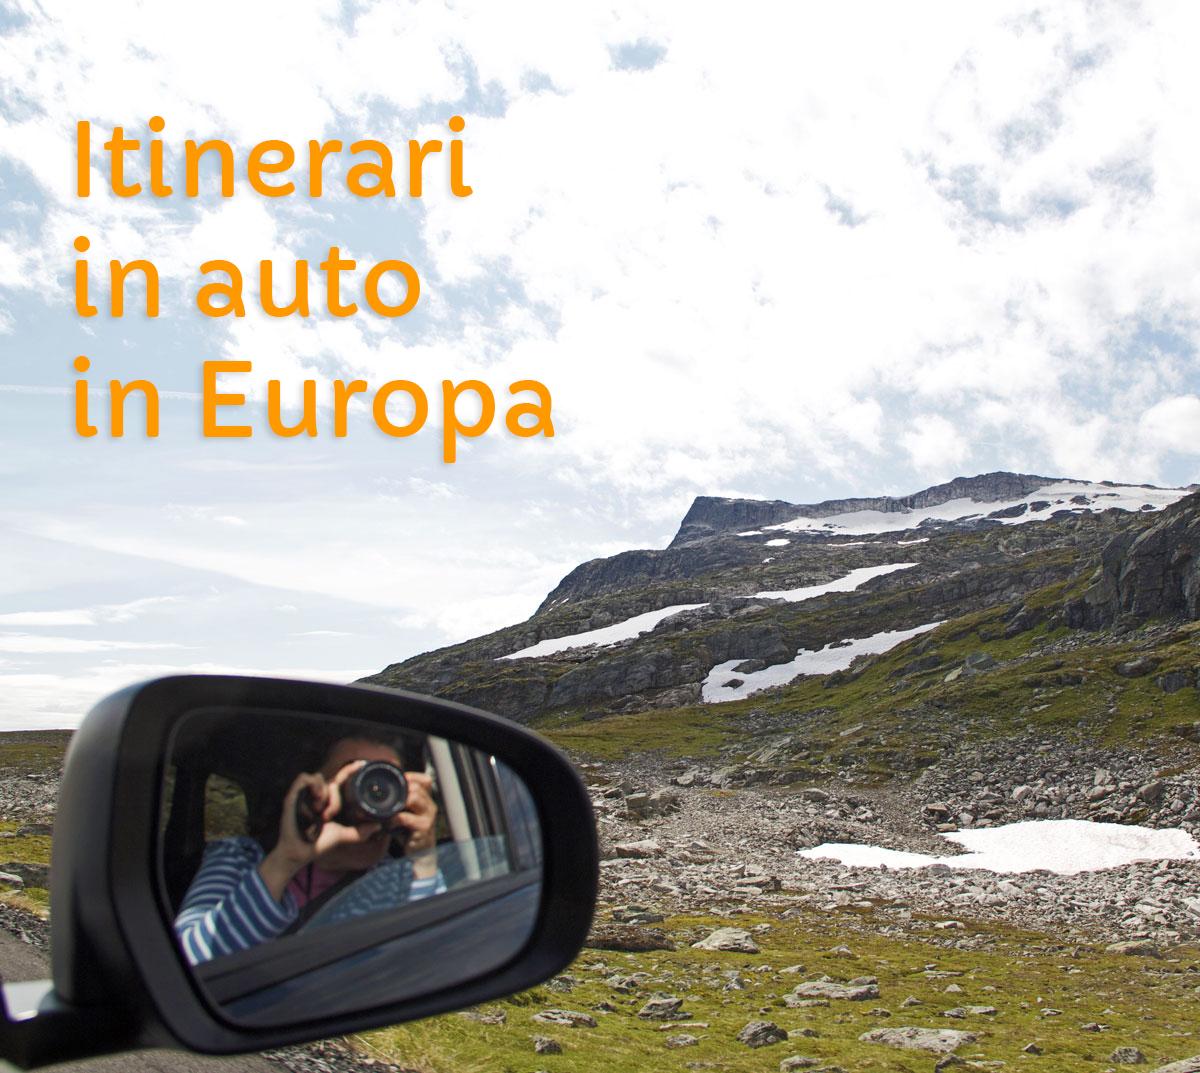 itinerari auto europa